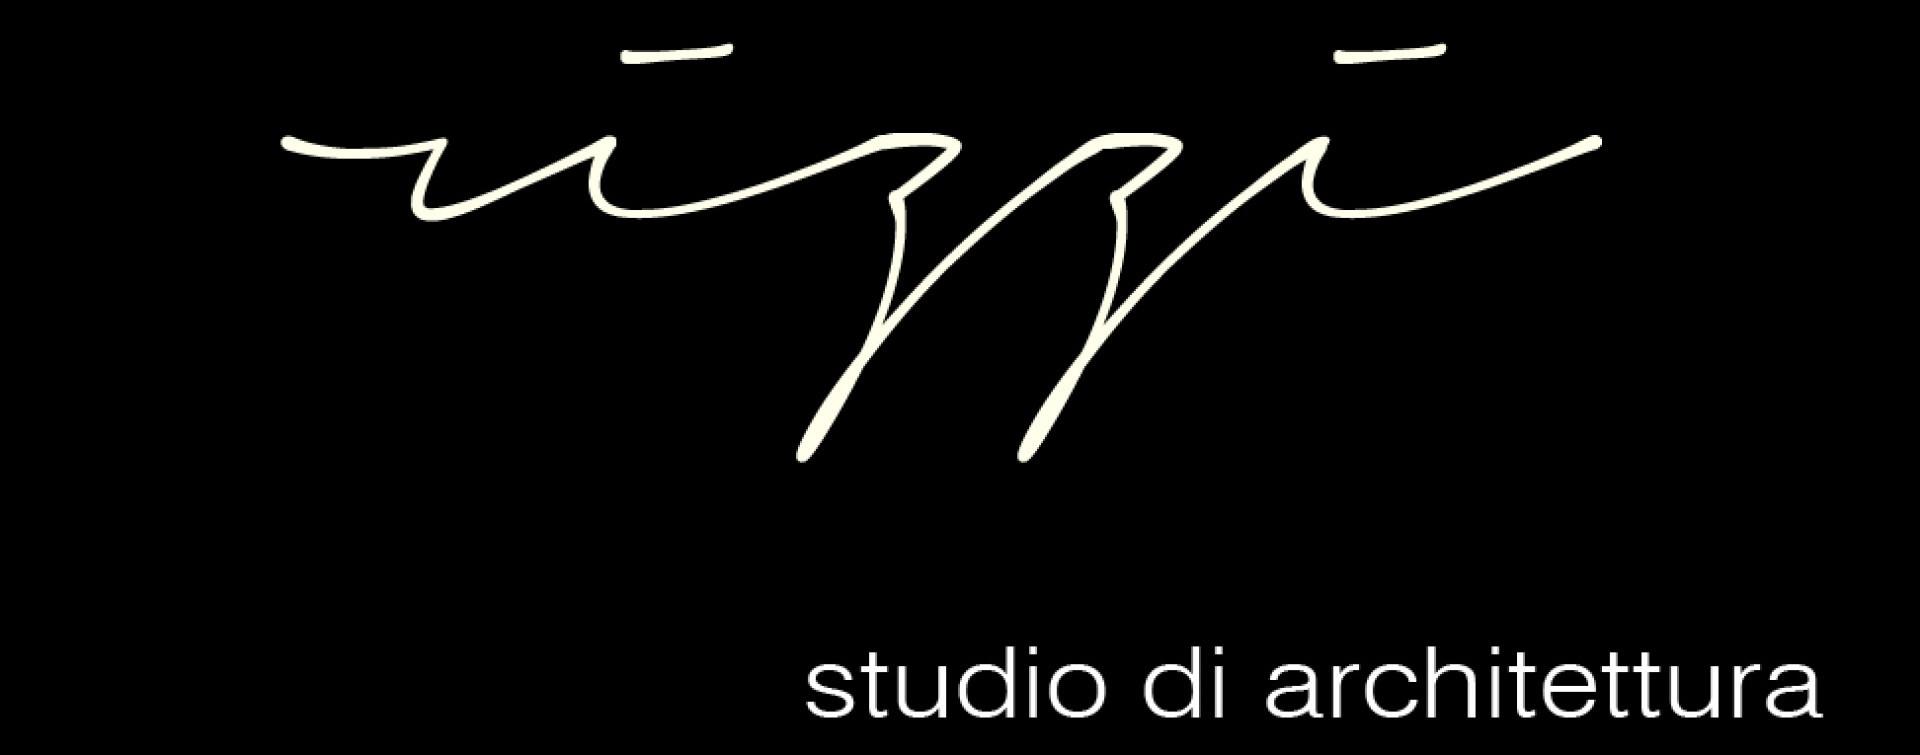 www.federicorizzi.com